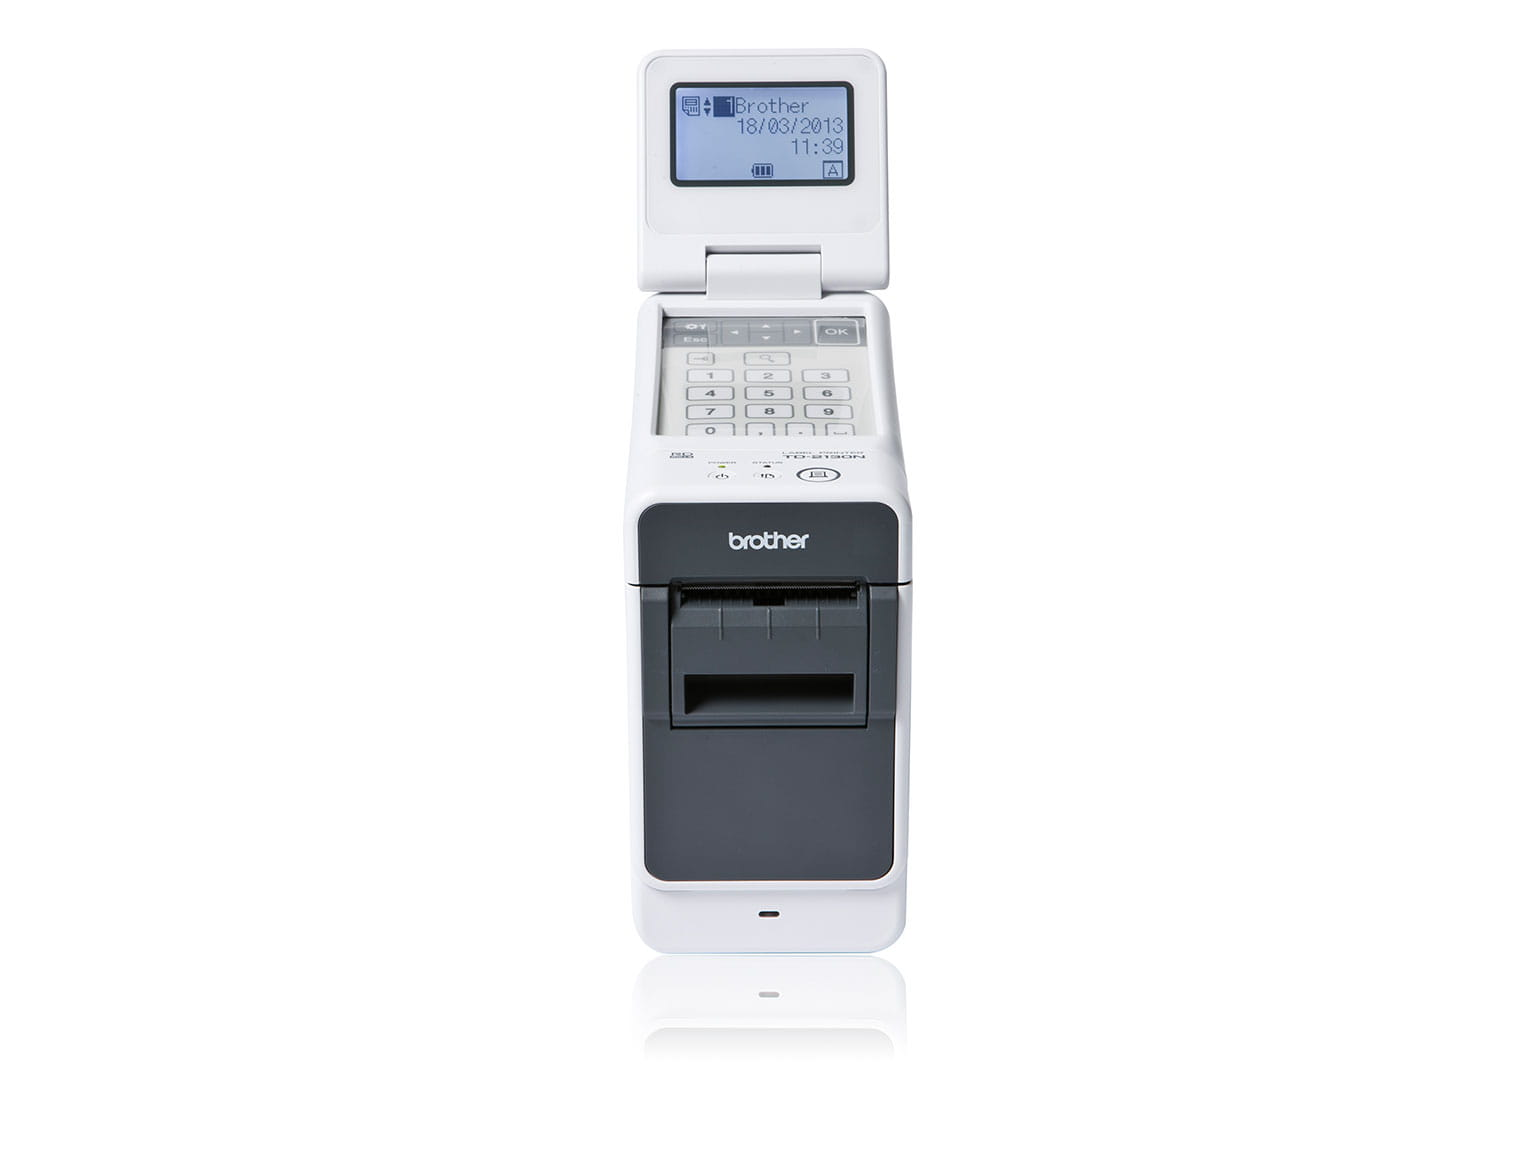 Mobilna drukarka Brother TD-3120